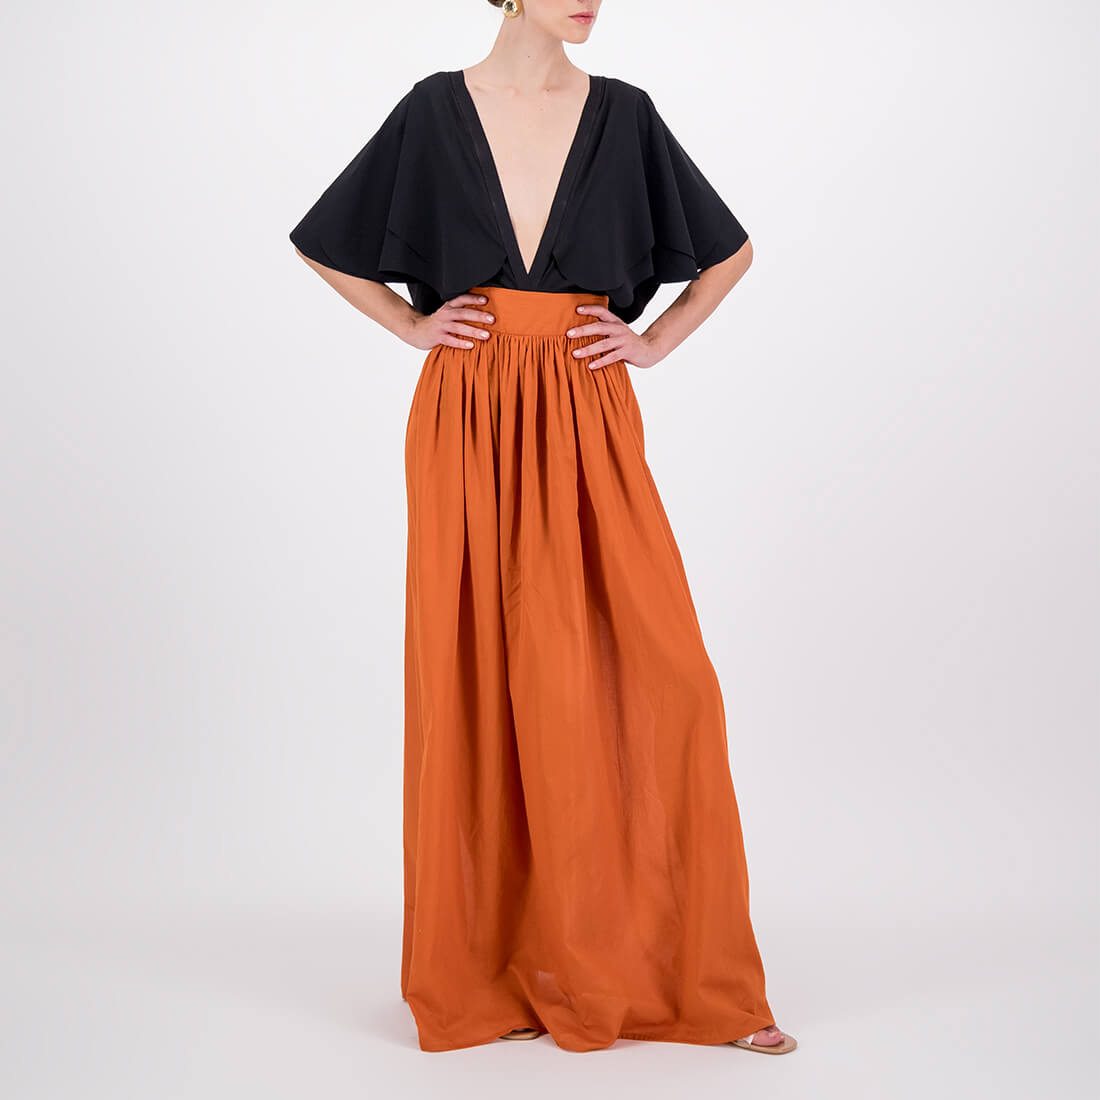 Full-length 100% cotton skirt 2